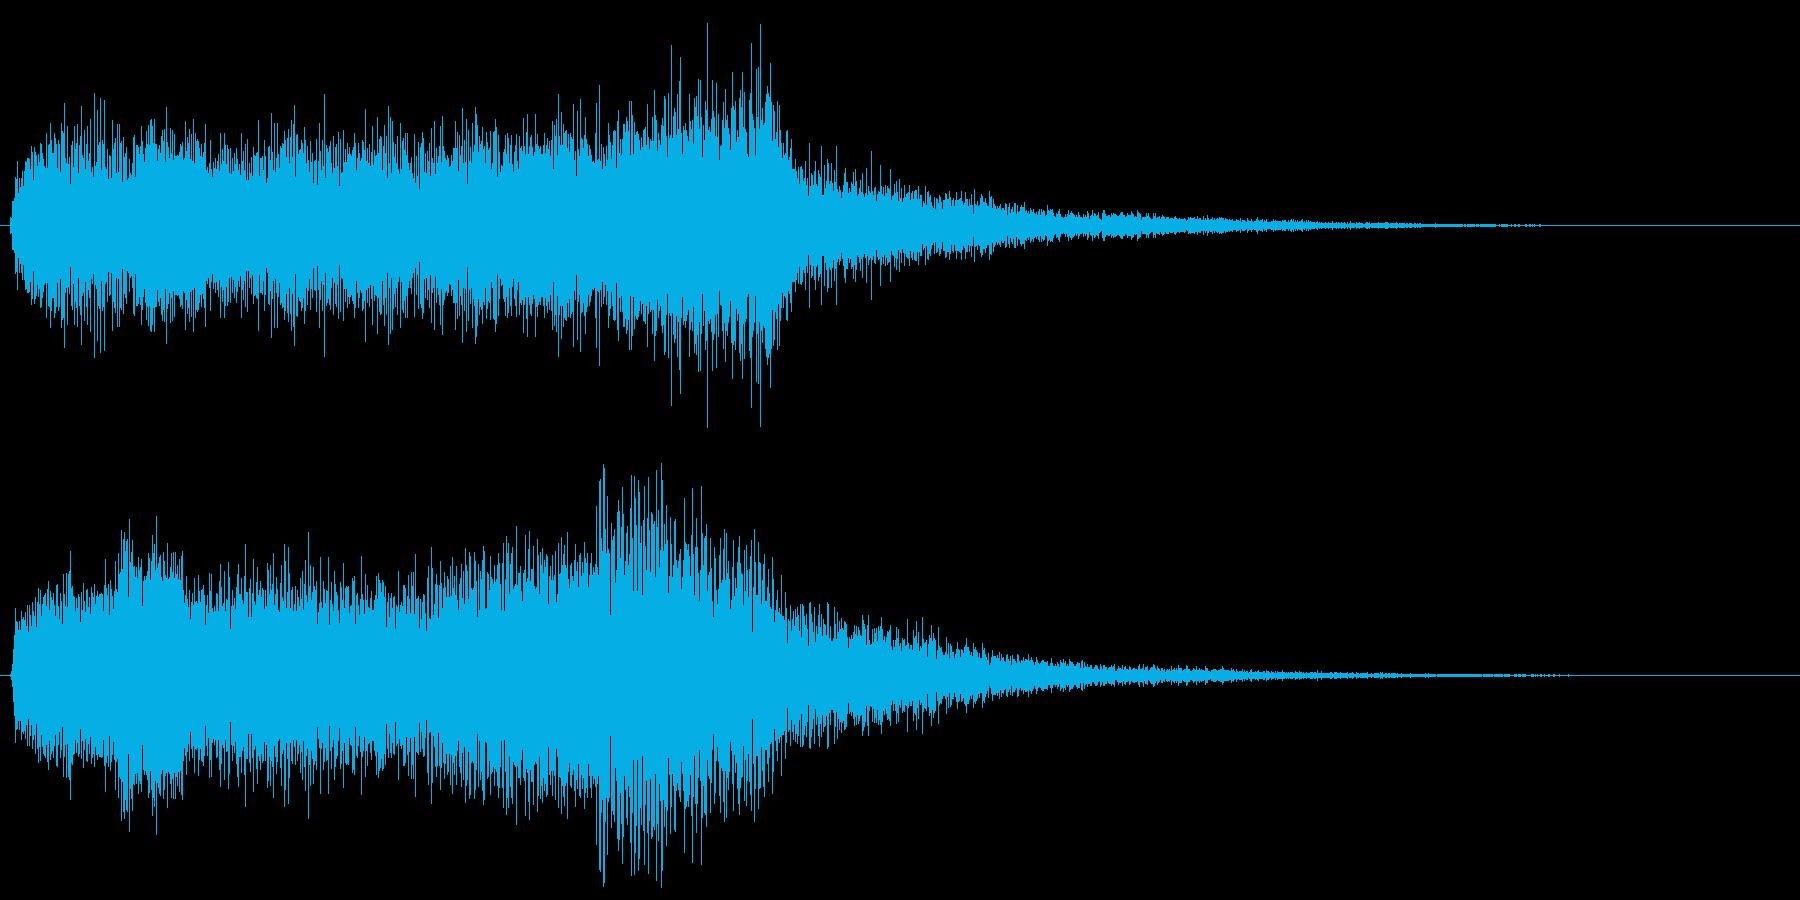 ミステリアスな怖いイメージの音 オルガンの再生済みの波形